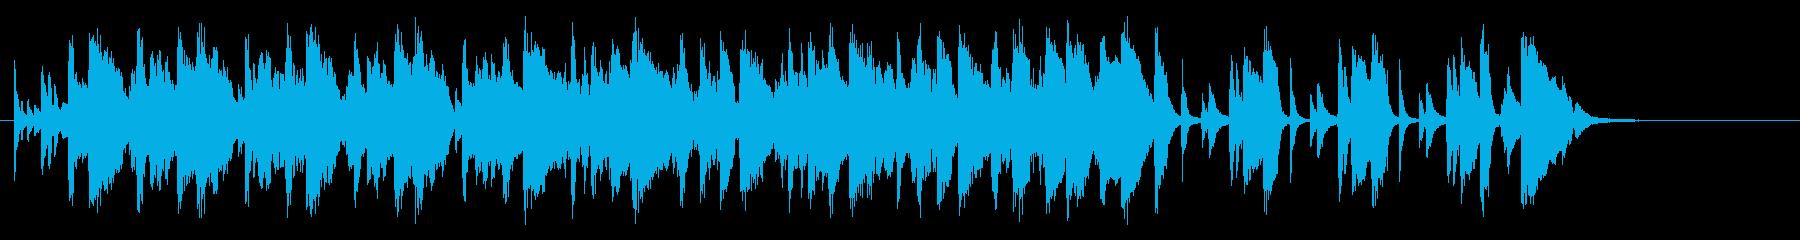 キャラクター登場シーンの曲の再生済みの波形